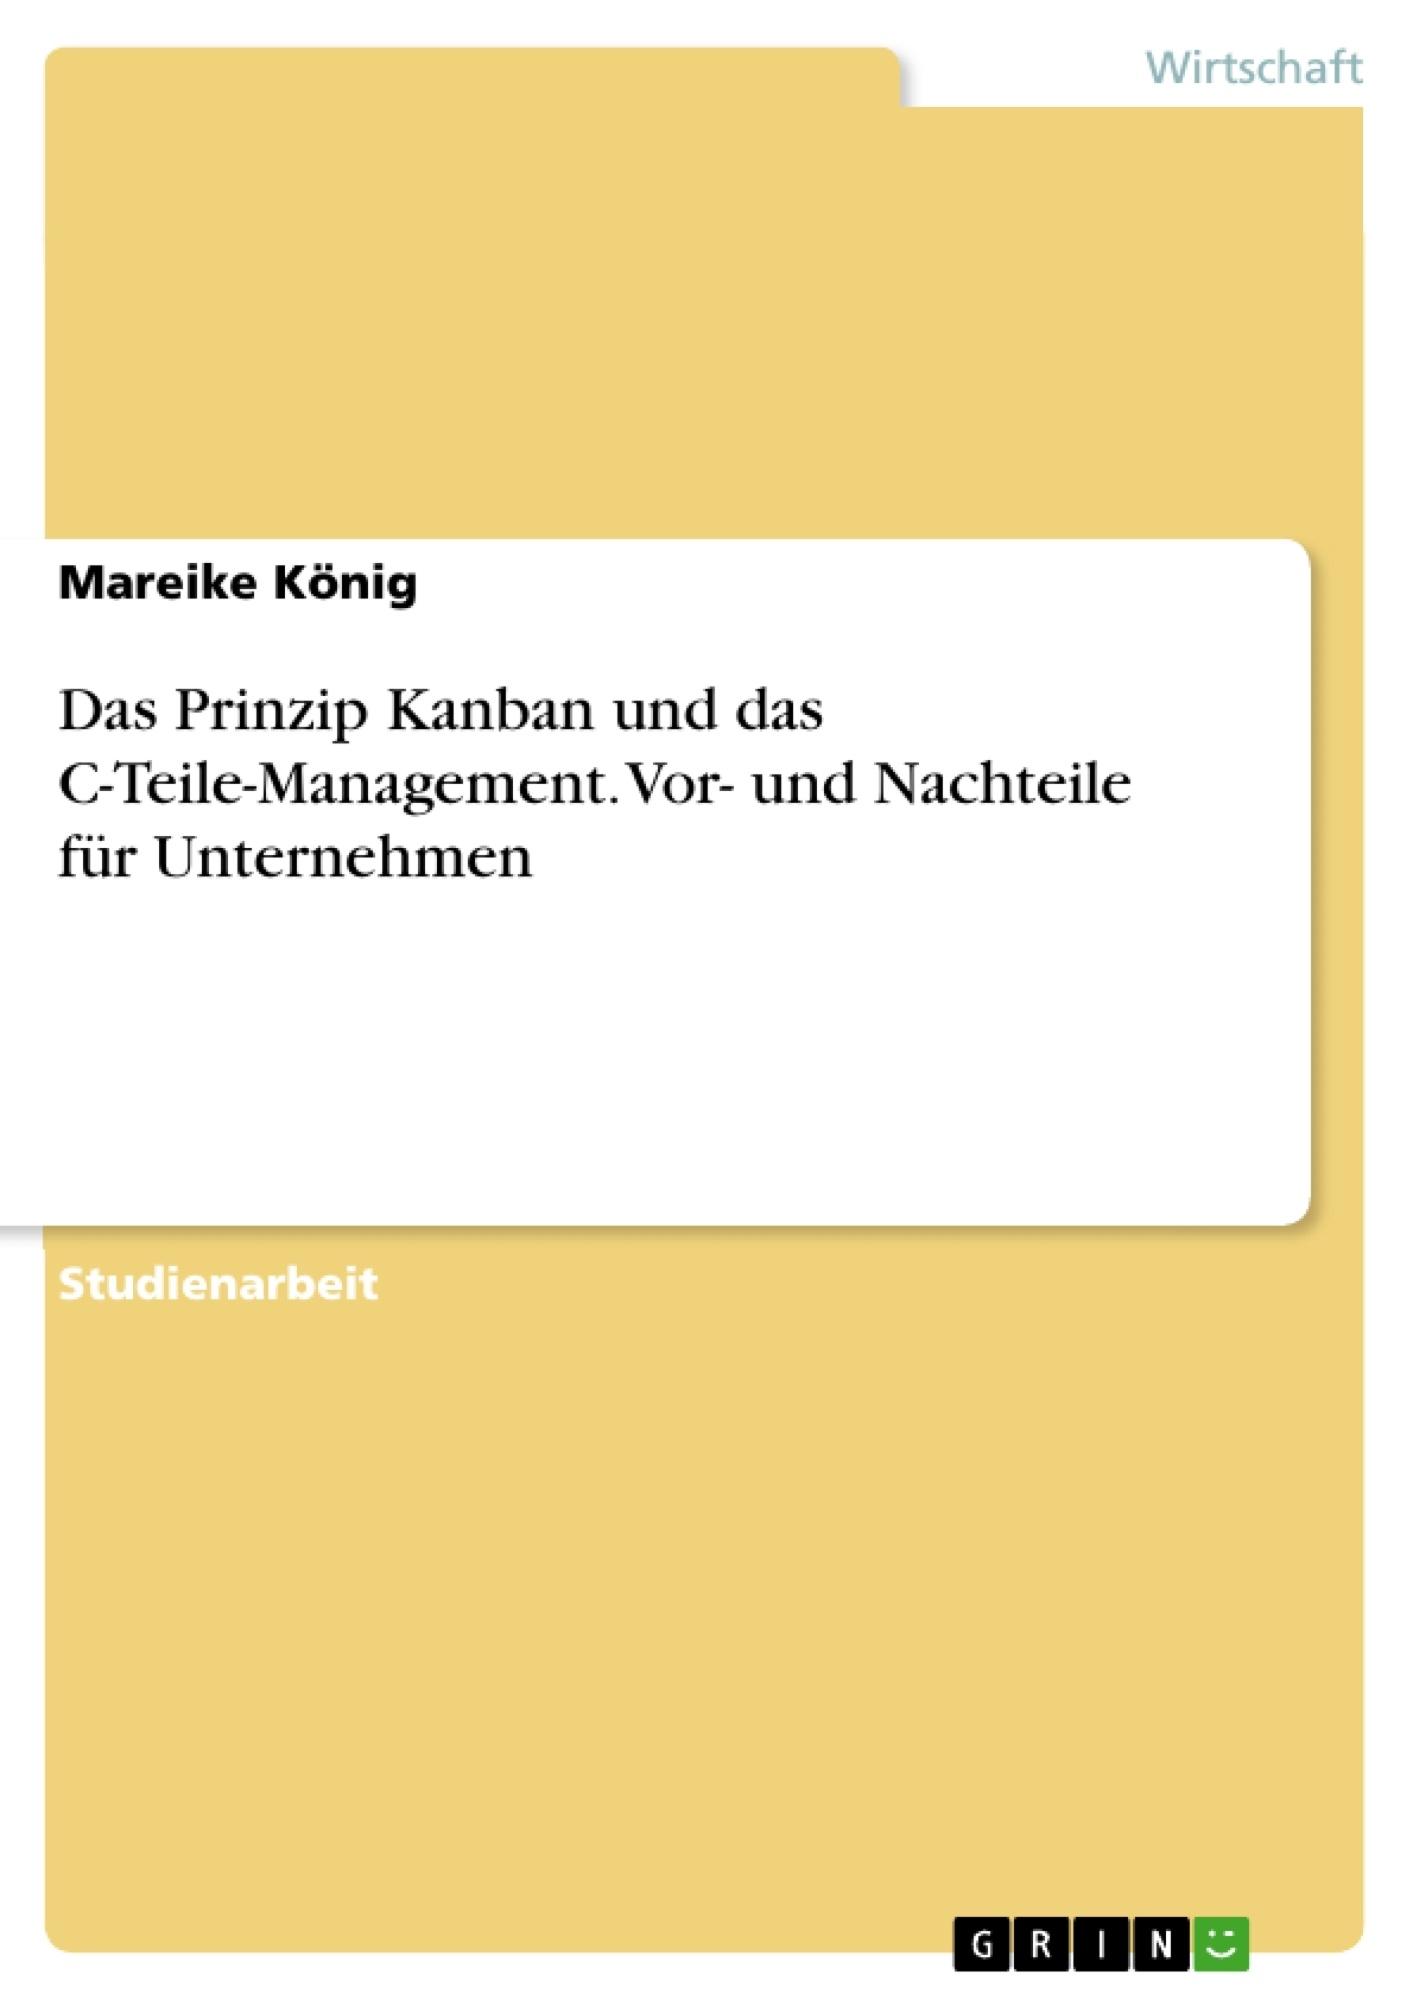 Titel: Das Prinzip Kanban und das C-Teile-Management. Vor- und Nachteile für Unternehmen